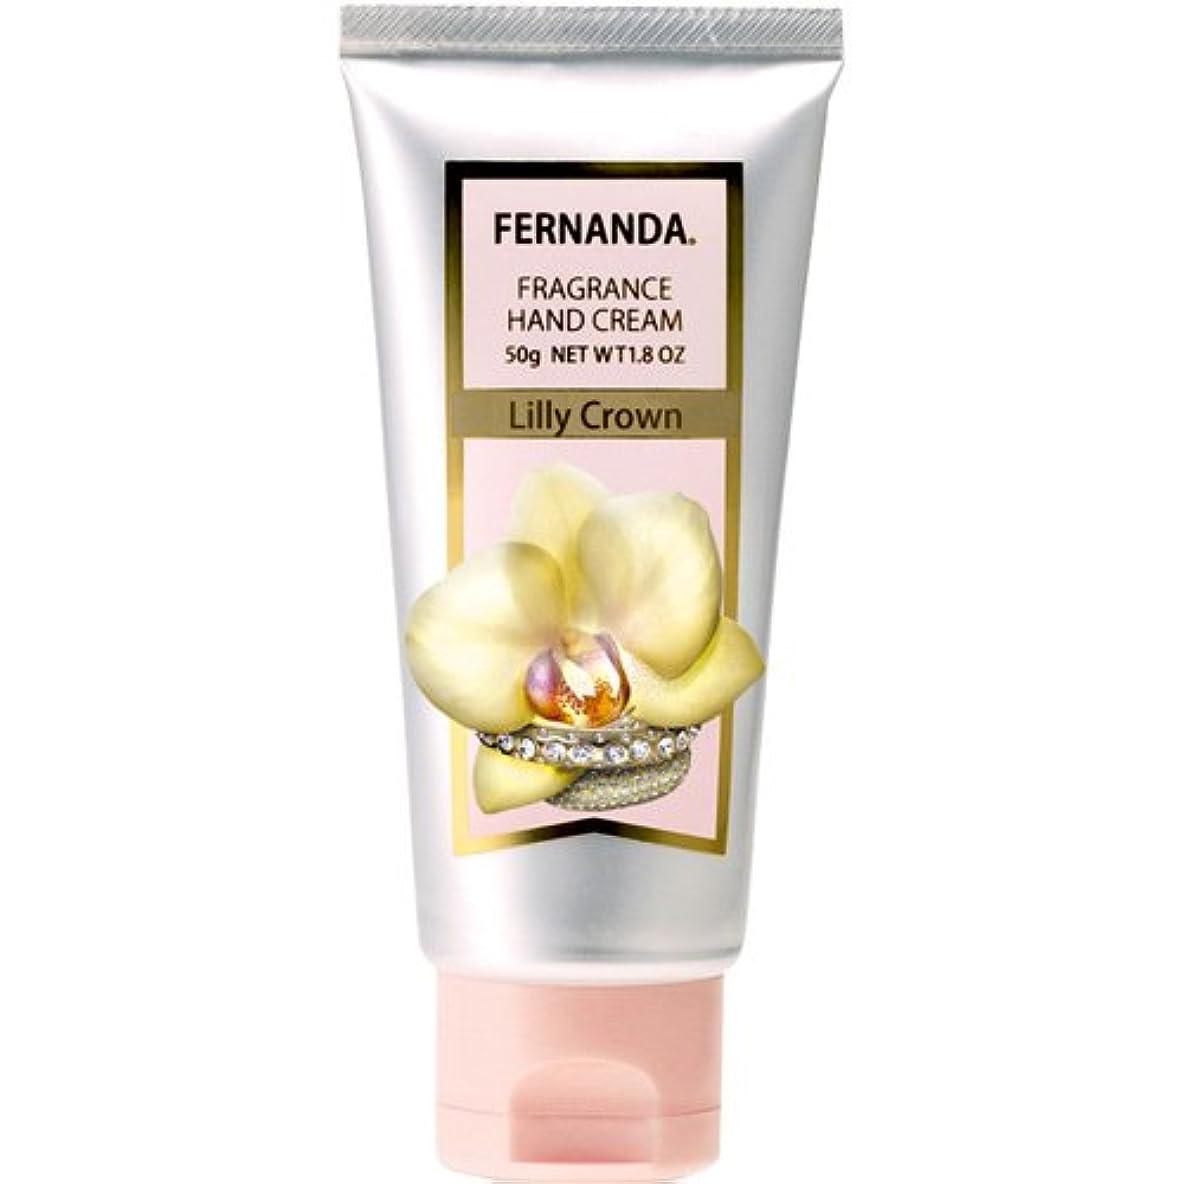 意識的精緻化農学FERNANDA(フェルナンダ) Hand Cream Lilly Crown (ハンドクリーム リリークラウン)